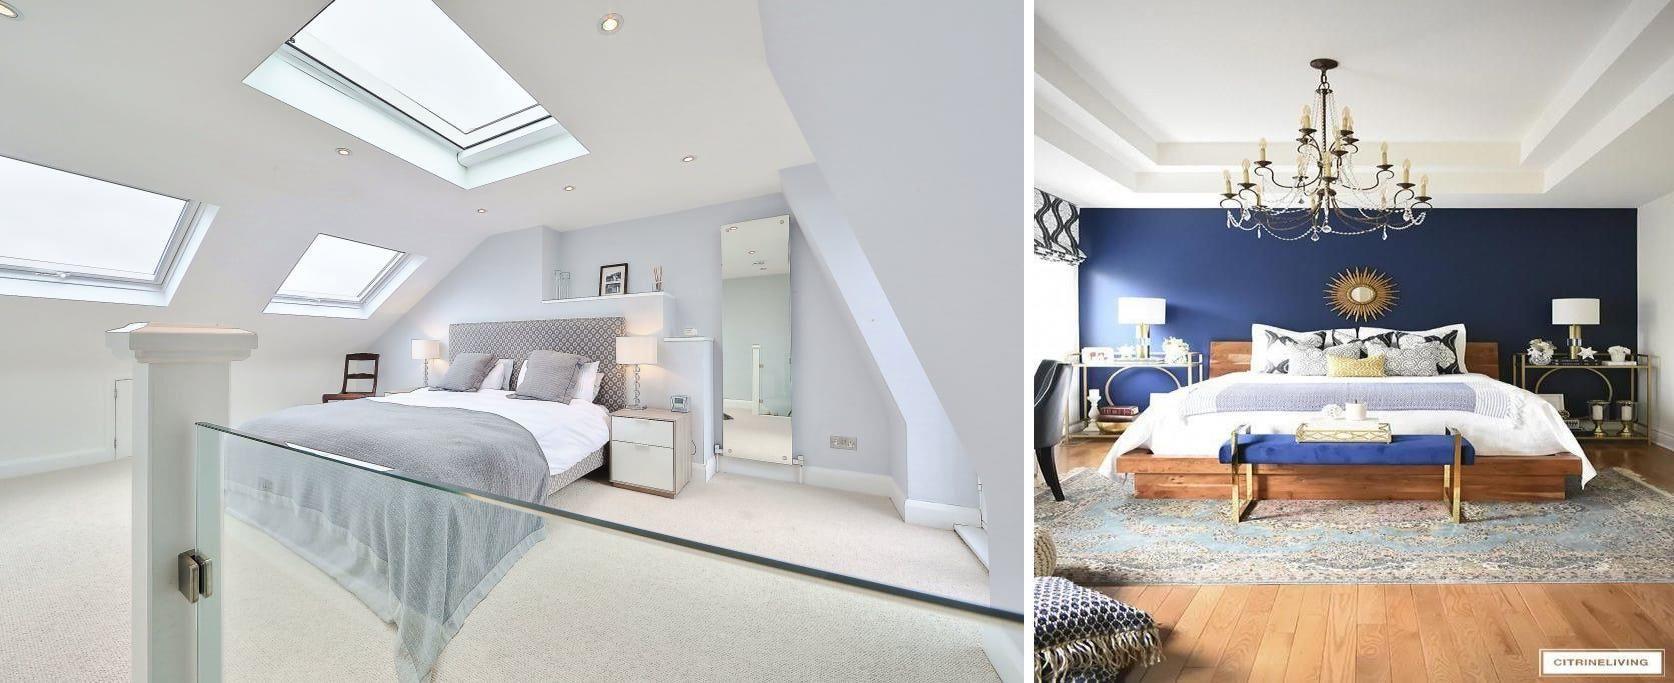 Master Bedroom Ideas Good Bedroom Designs Best Bedroom